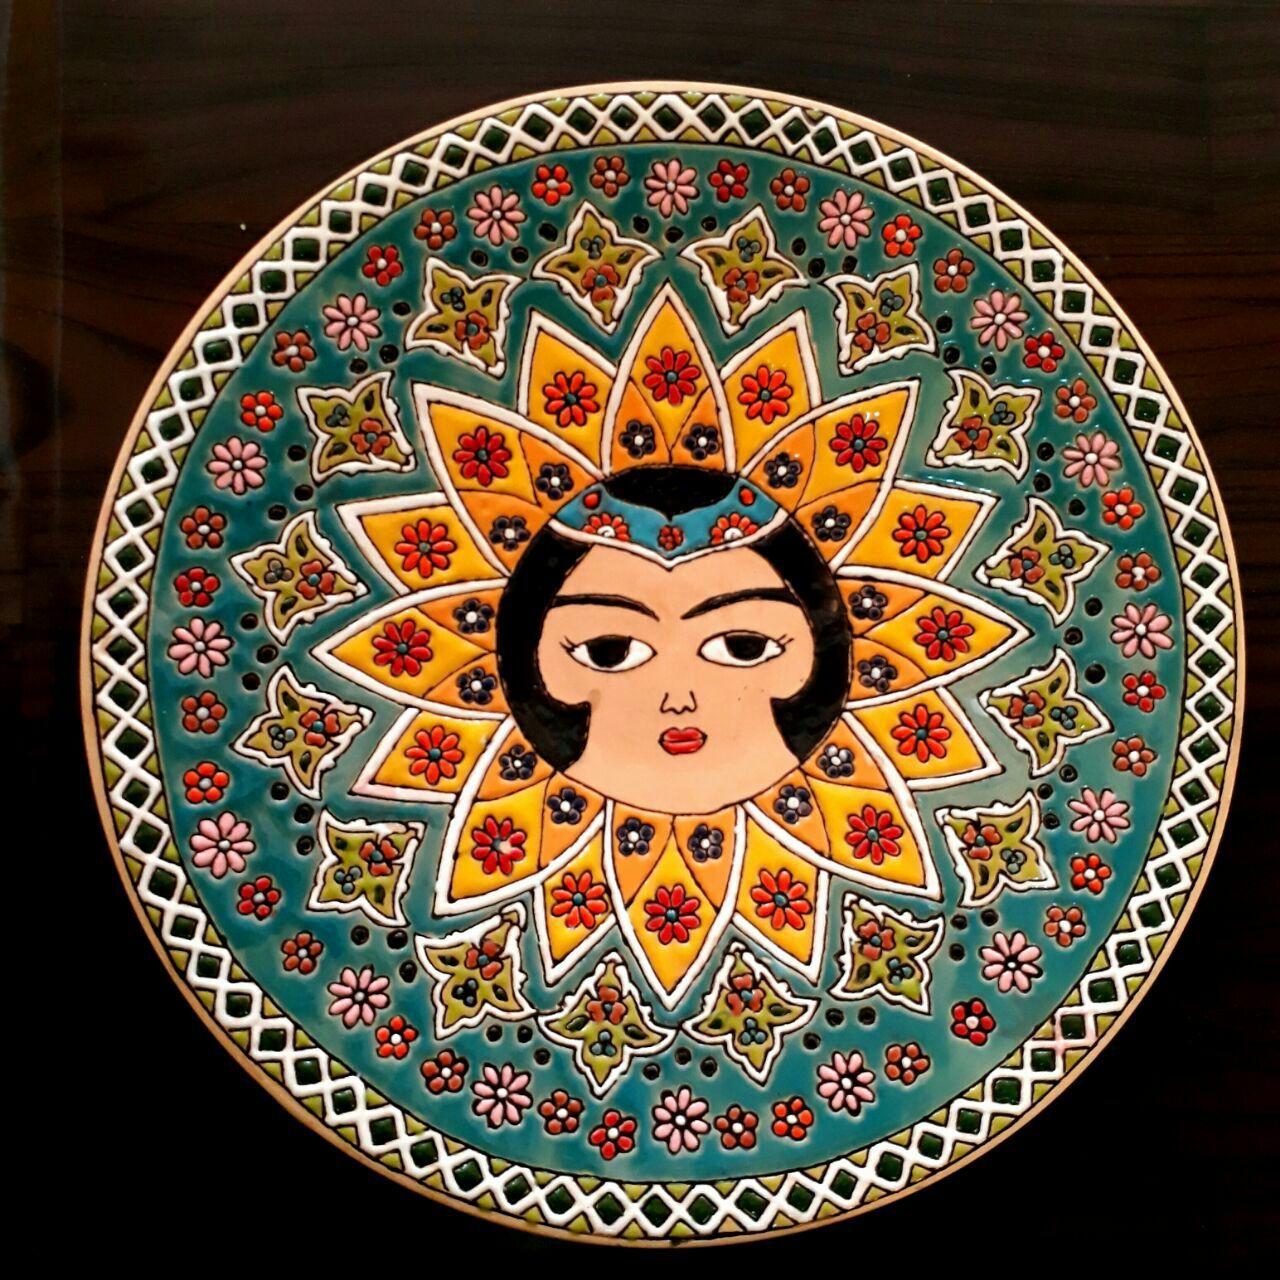 تصویر از رضوان سادات طباطبایی فعال در رشته هنرهای تجسمی